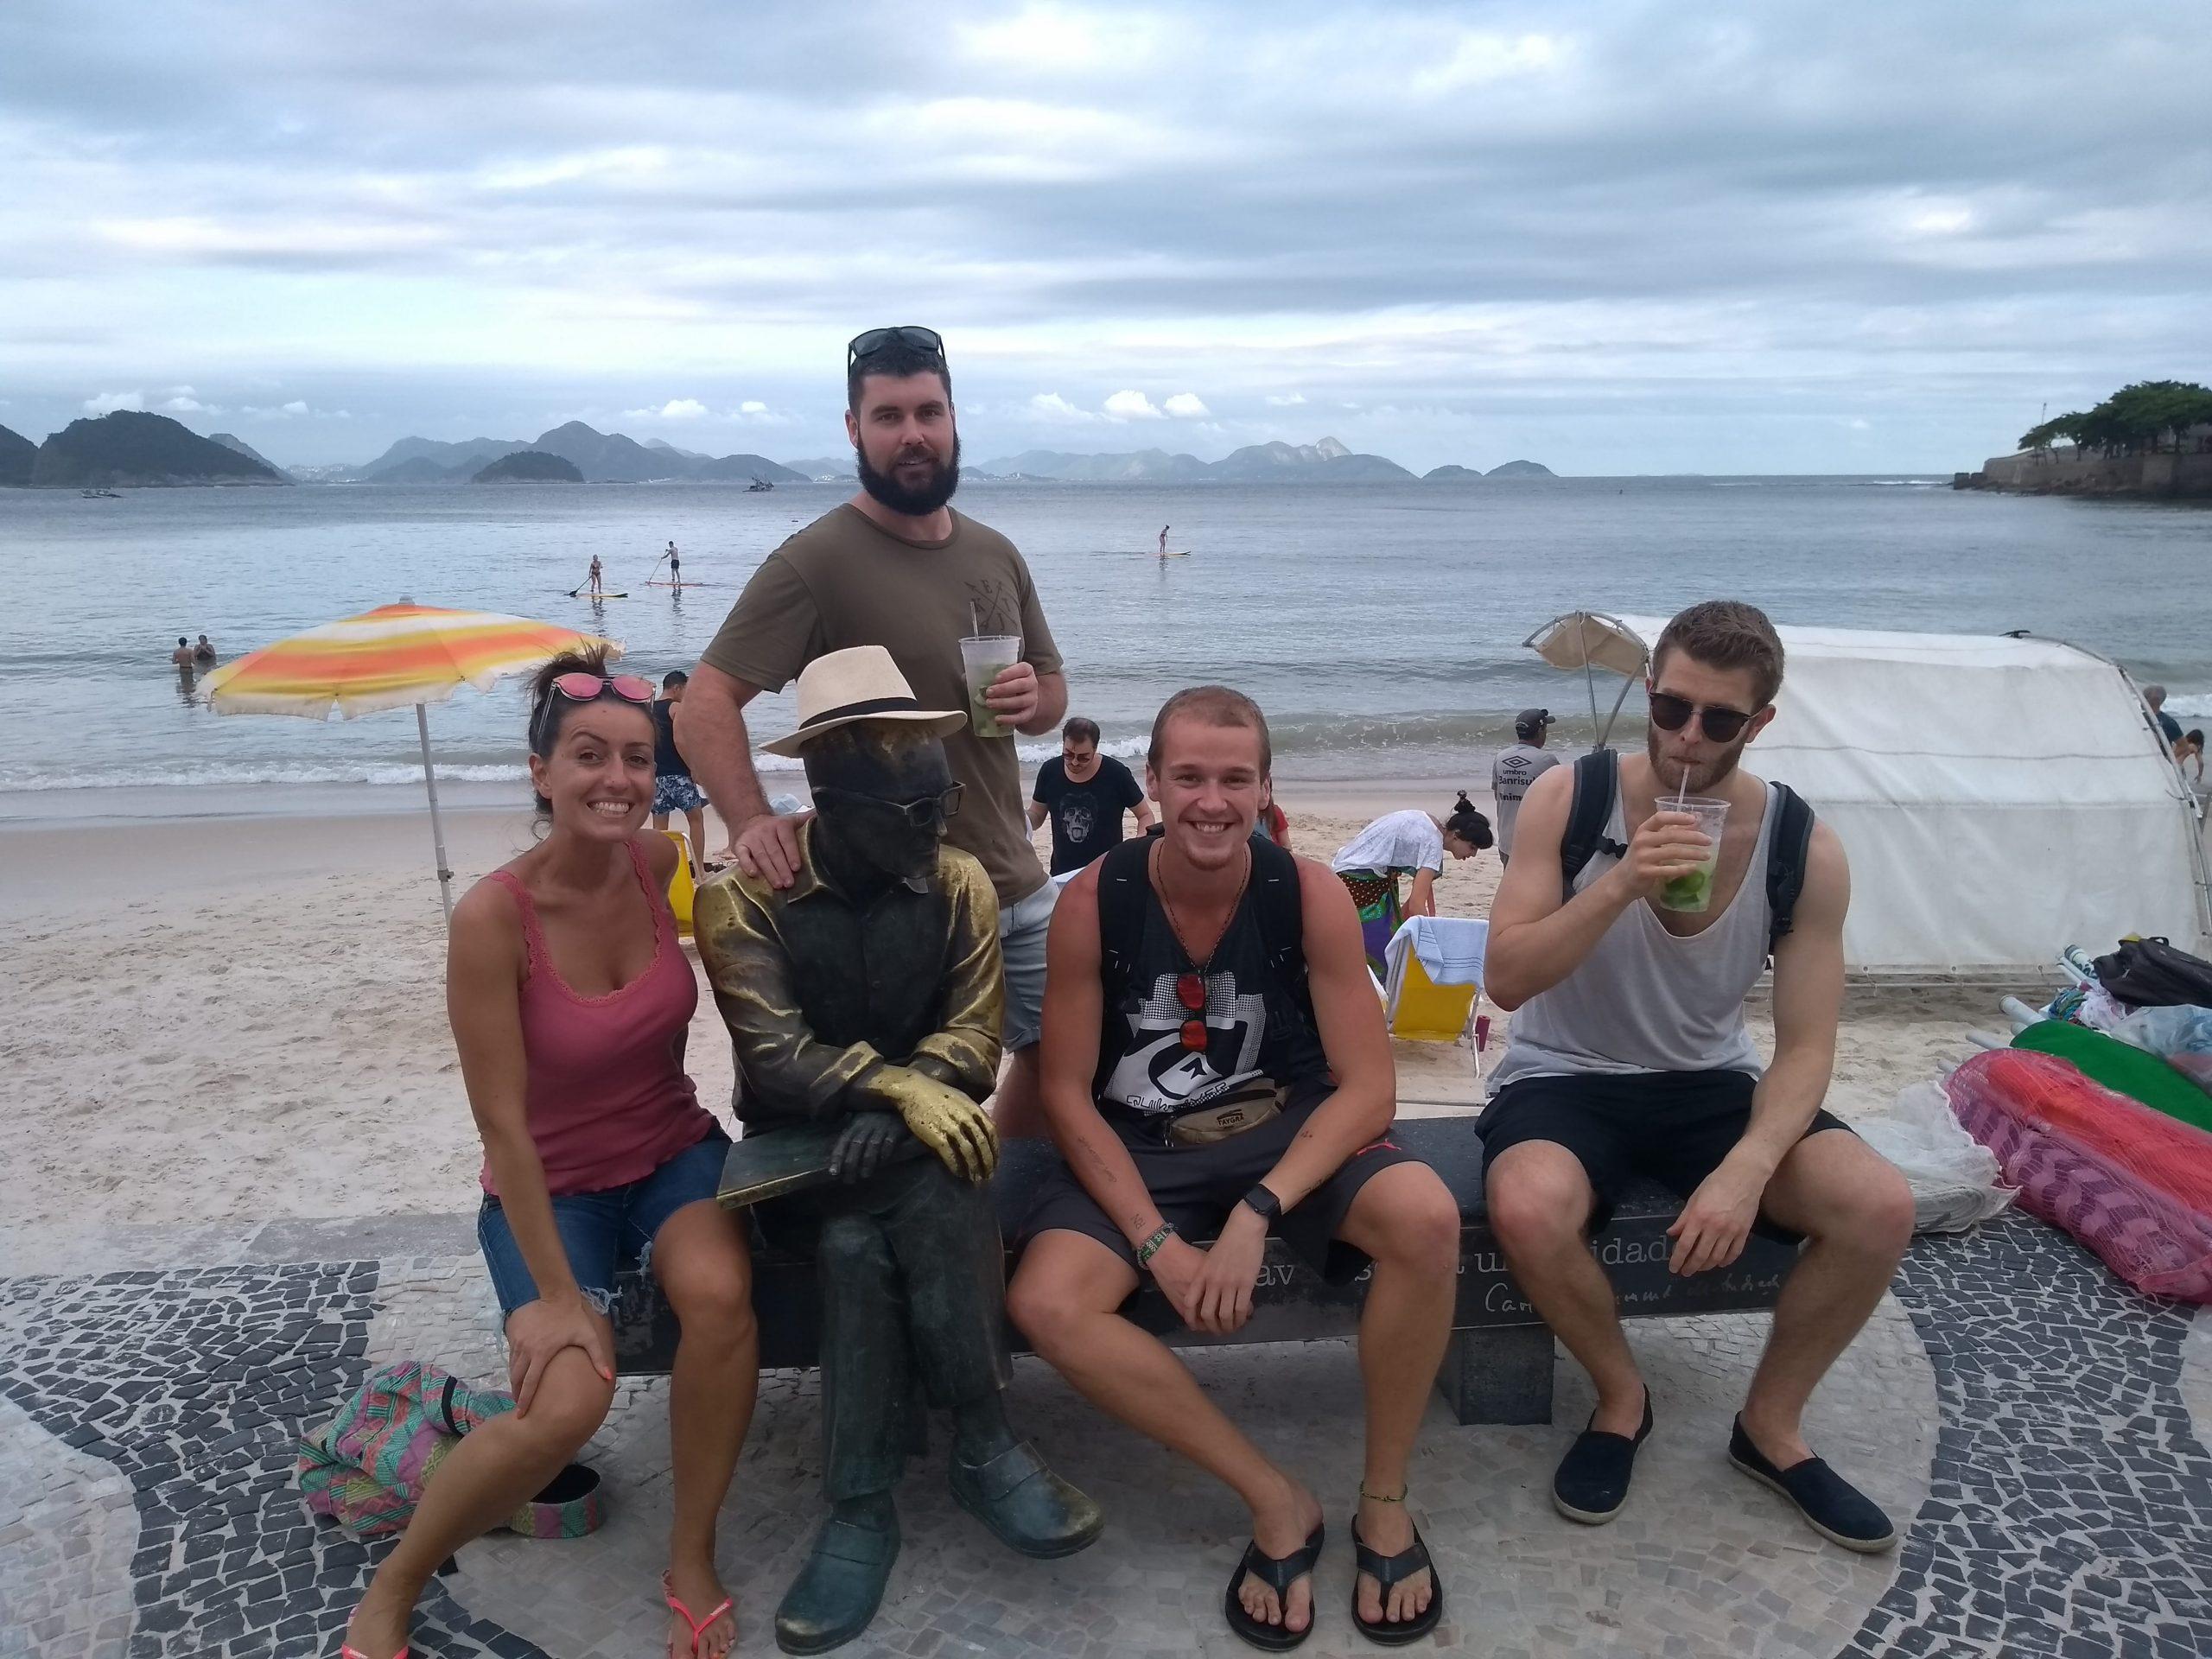 Gringos con la estatua del poeta Drummond en Copacabana y con la estatua con un sombrero.